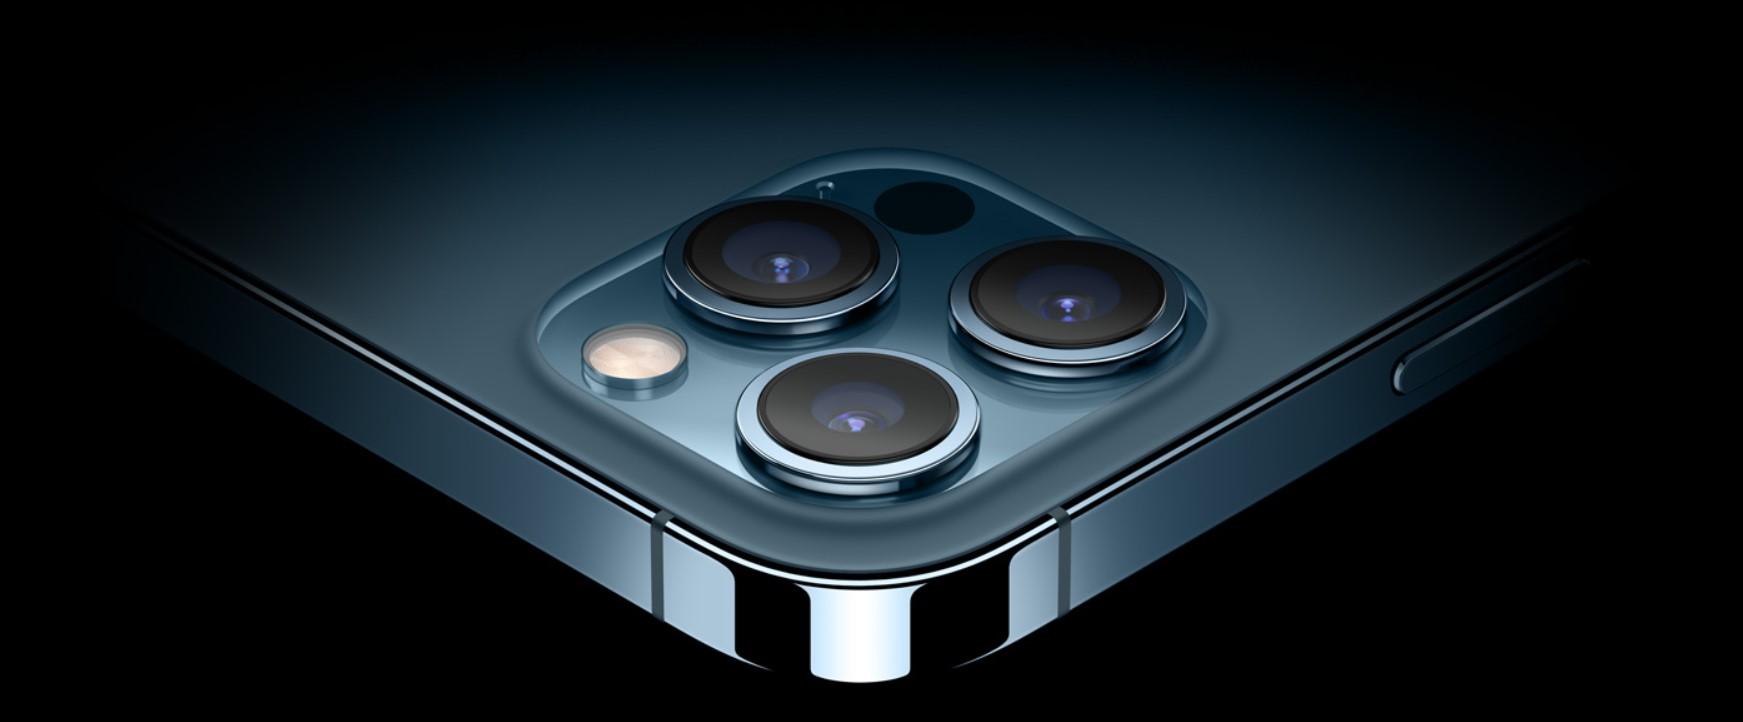 Apple iPhone 12 Pro 128 GB Cep Telefonu Fonksiyonlarını Keşfedin